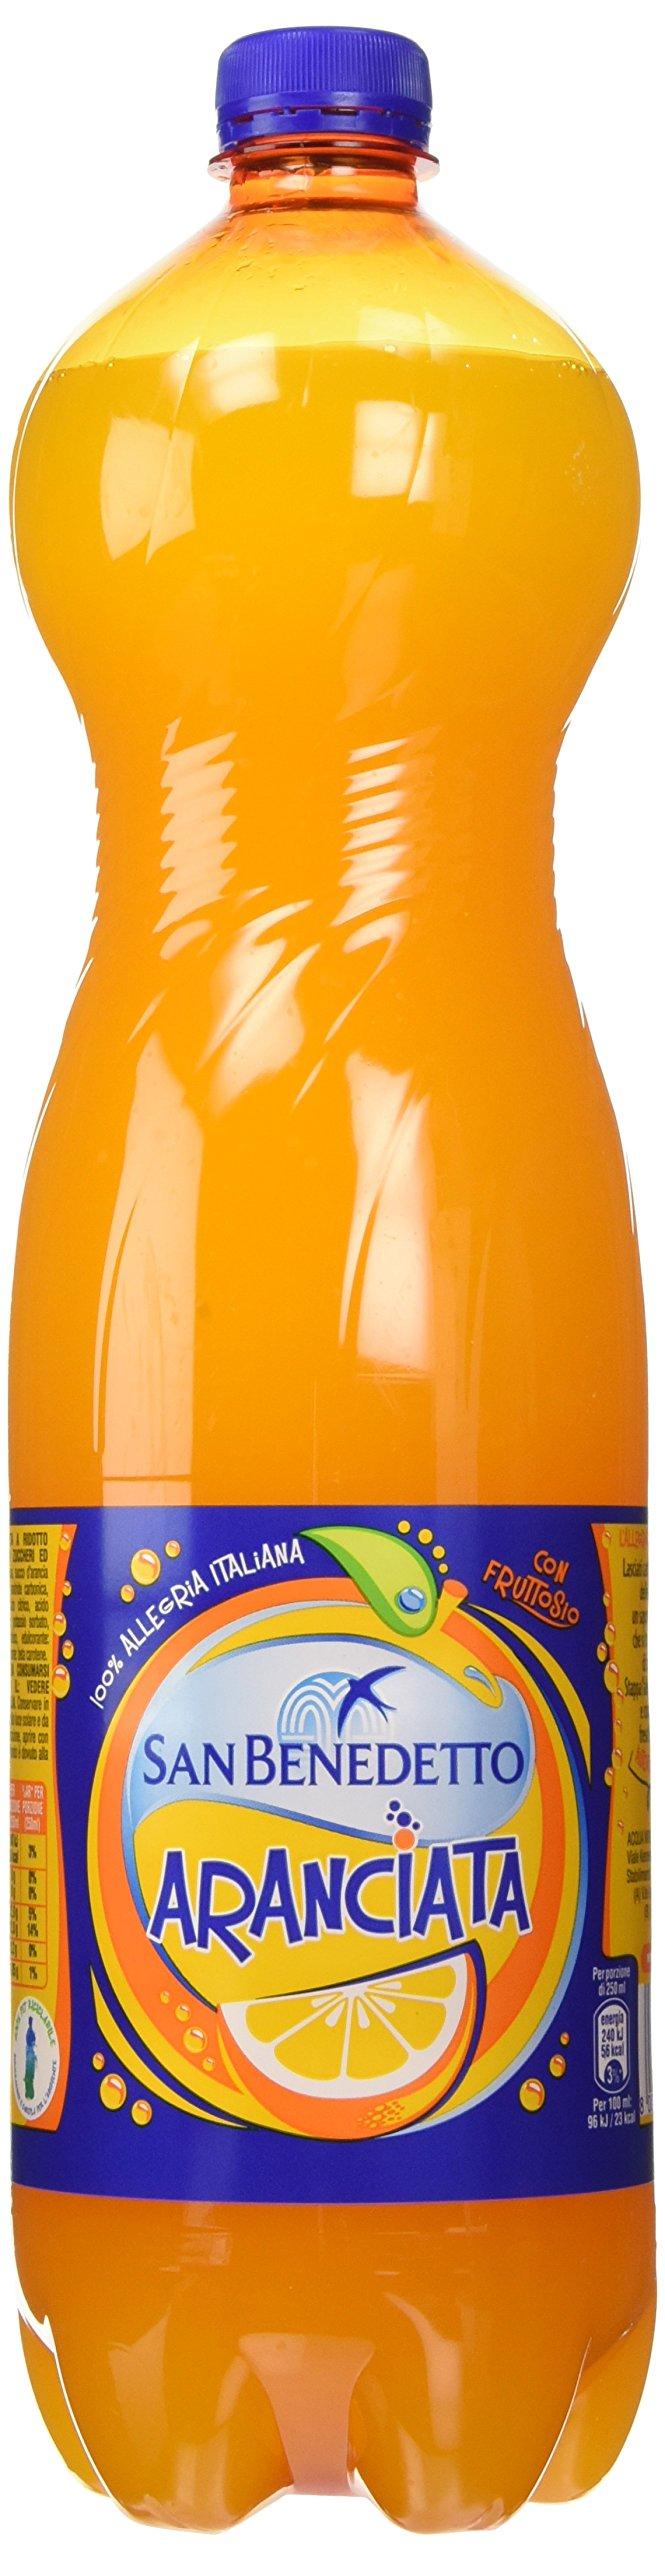 San Benedetto - Aranciata, con fruttosio - 1500 ml [confezione da 6]